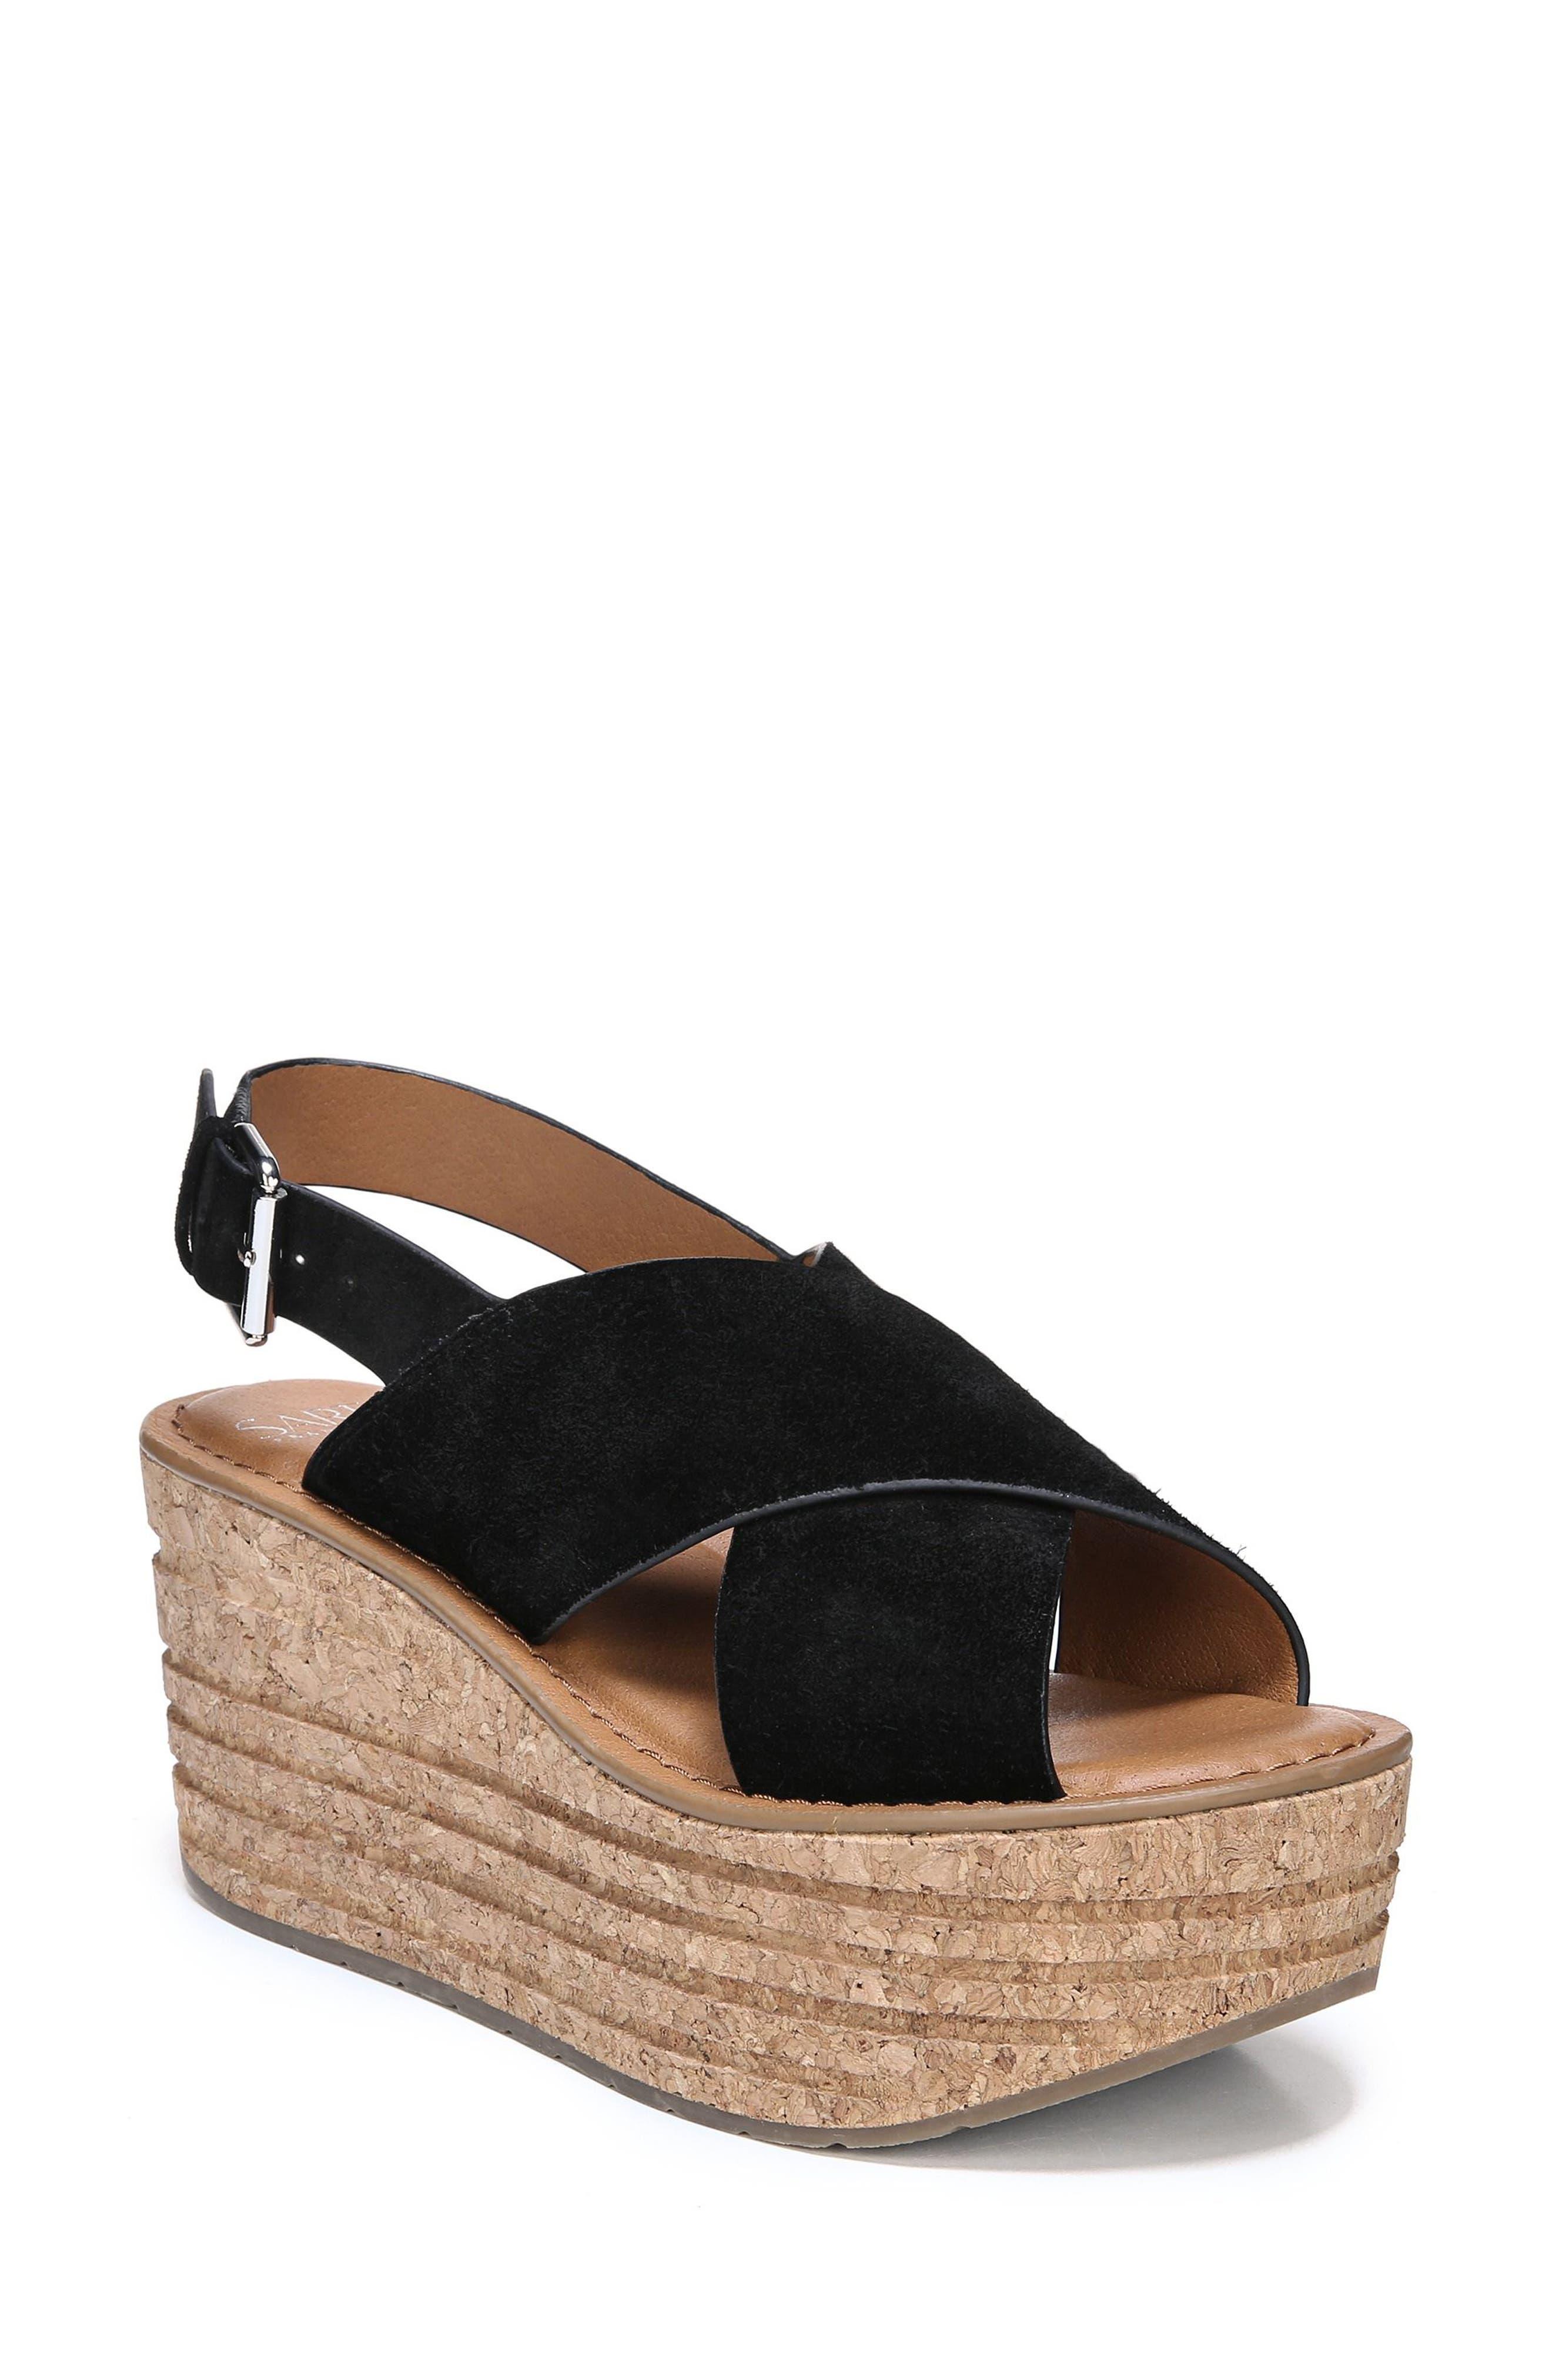 Caroline Platform Wedge Sandal,                         Main,                         color, 001